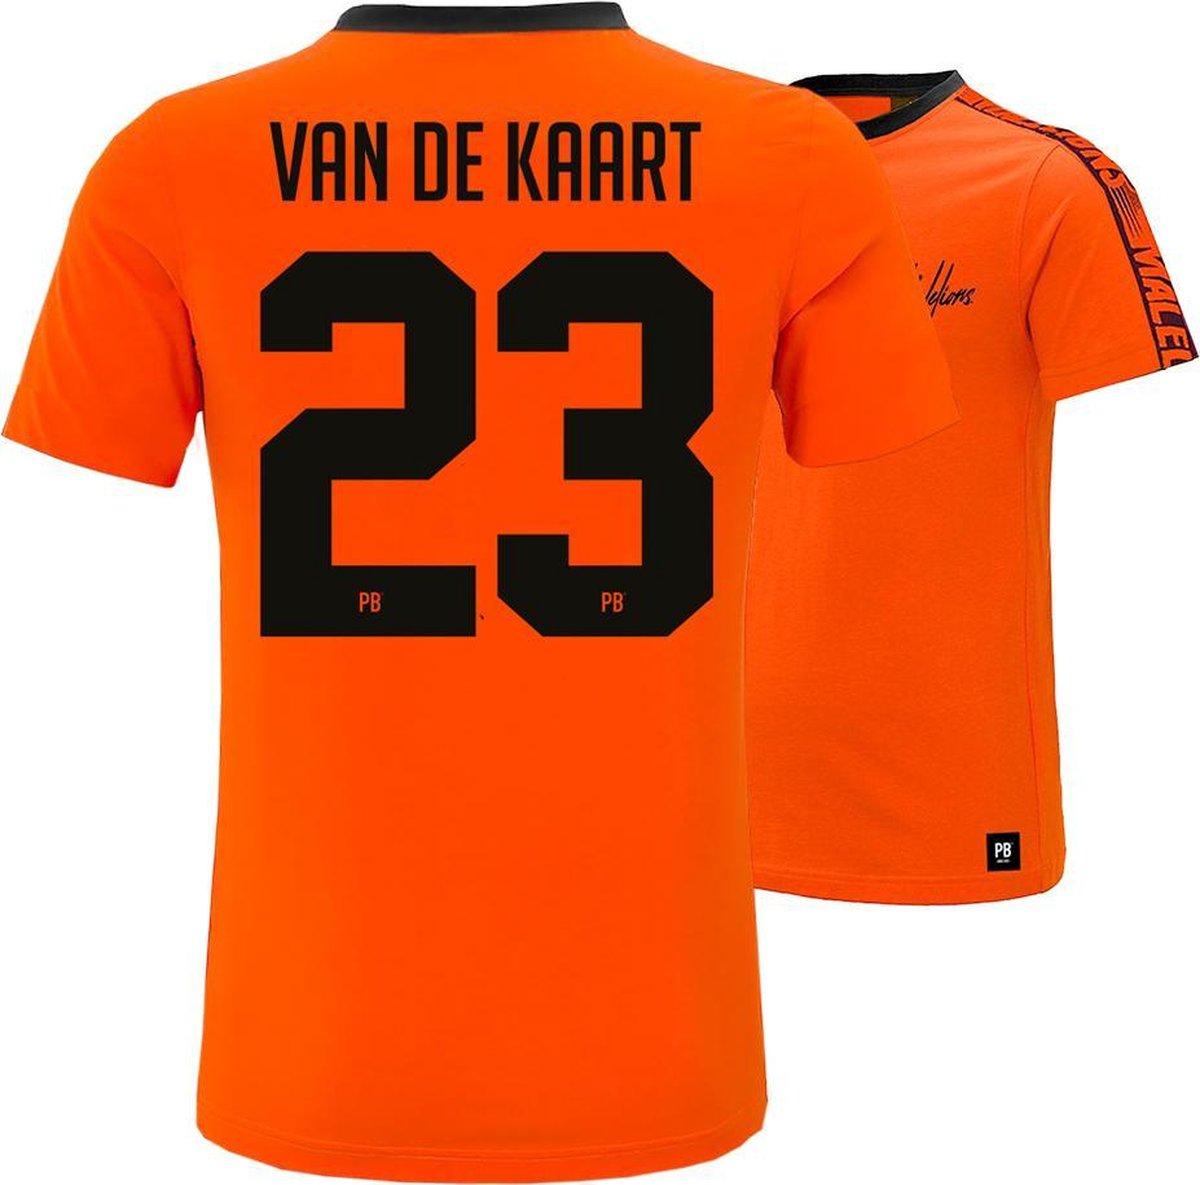 PB x Malelions - 23. Van de Kaart   Maat XL   Oranje T-shirt   EK voetbal 2021   Heren en dames